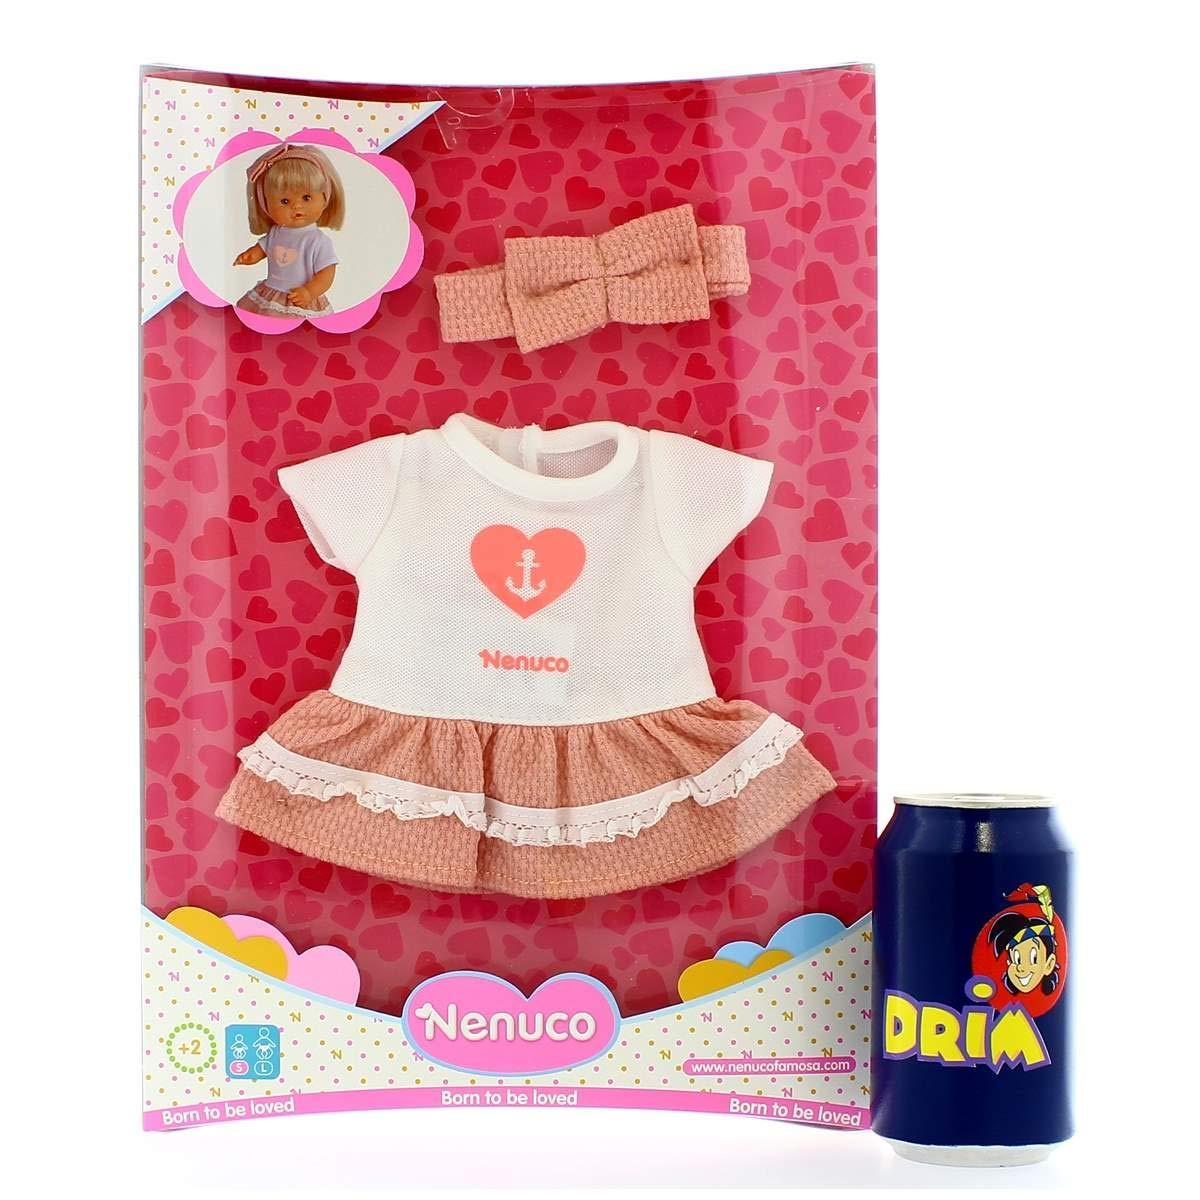 Amazon.es: FEBER Nenuco Ropita Casual Vestido Rosa: Juguetes y juegos